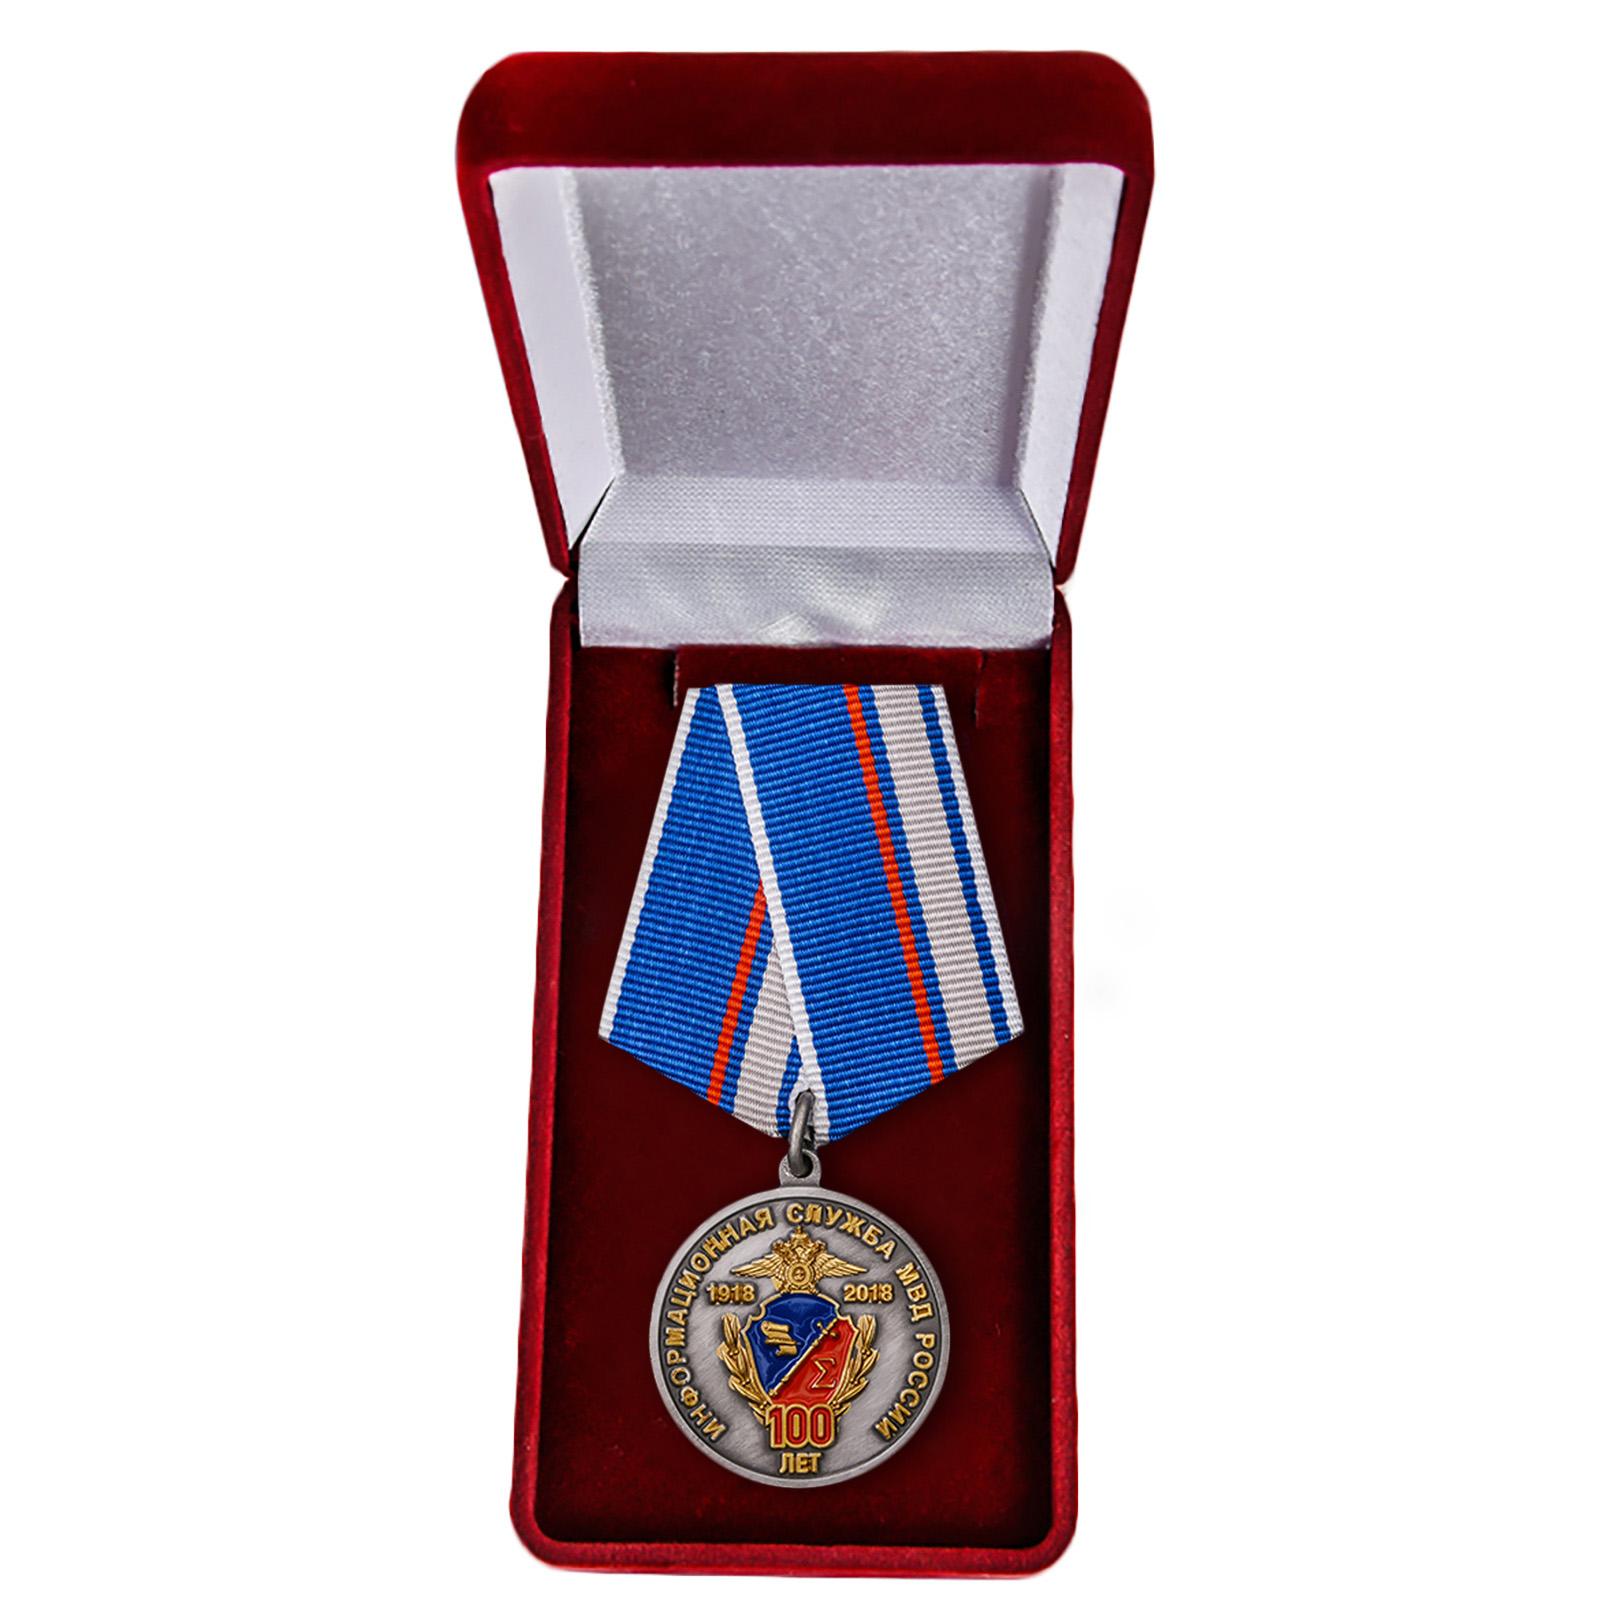 Юбилейная медаль 100 лет Информационной службе МВД России - в футляре